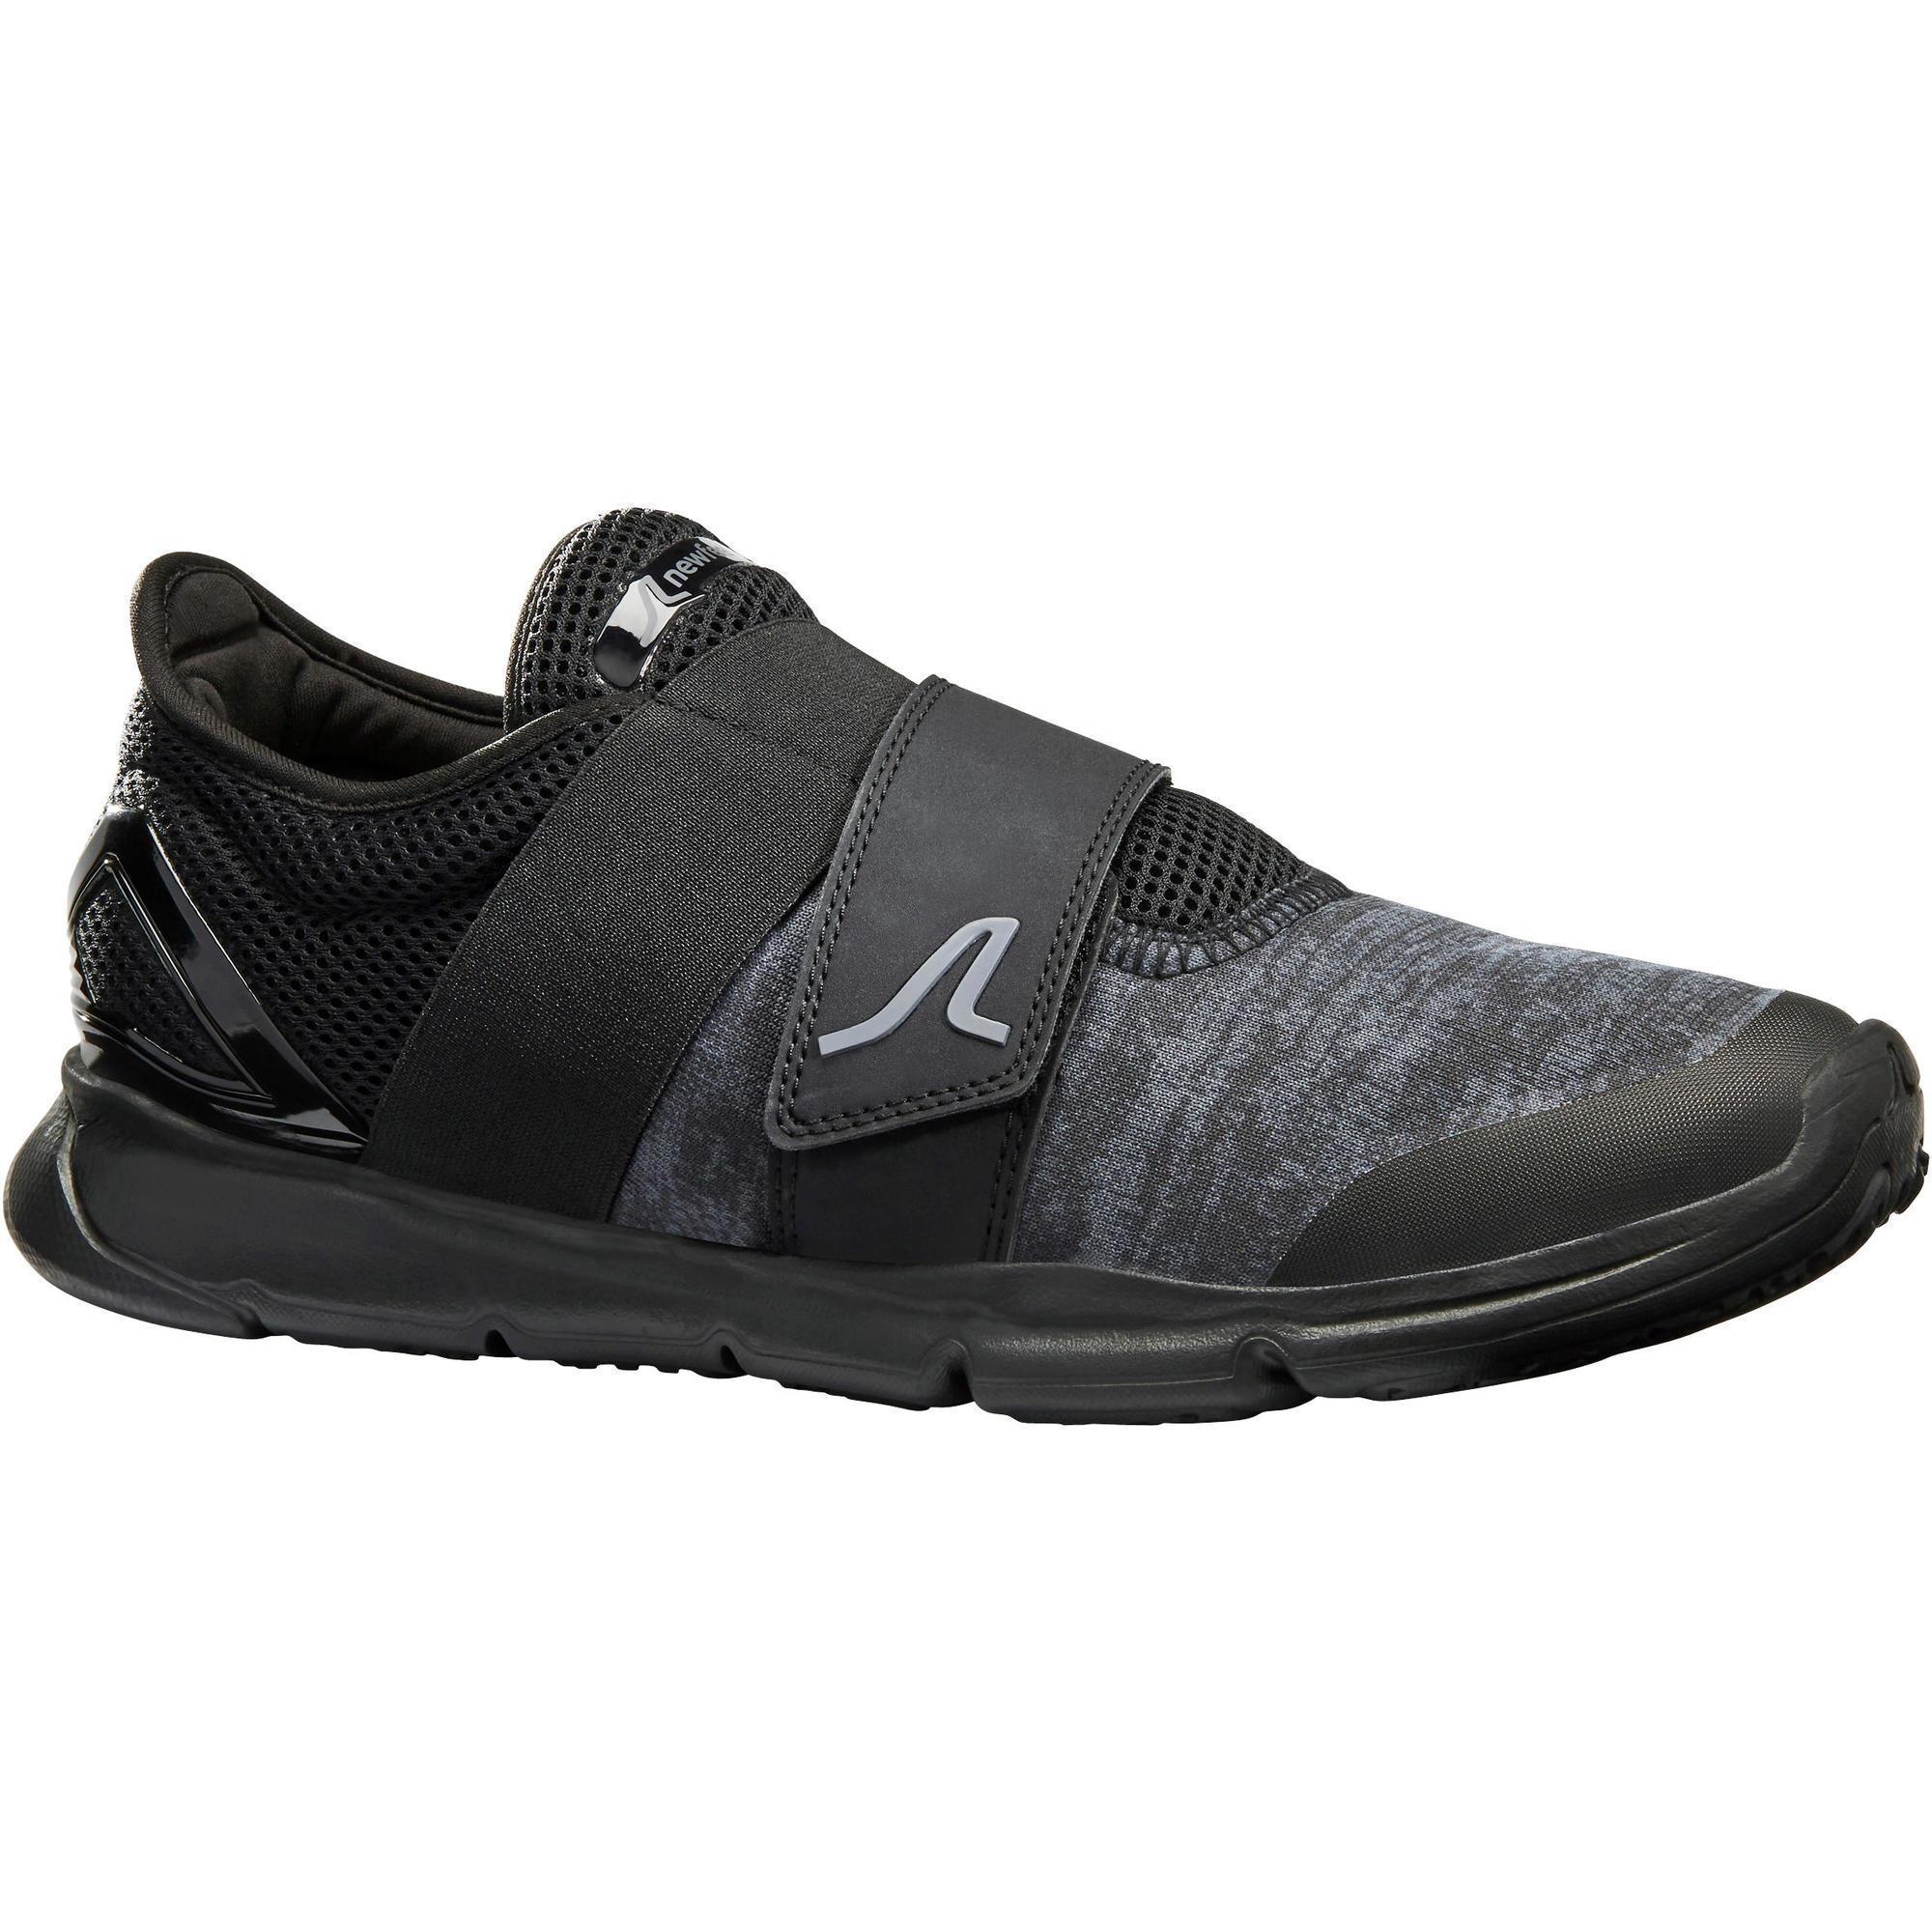 Walkingschuhe Soft 180 Strap Herren schwarz | Schuhe > Sportschuhe > Walkingschuhe | Schwarz | Newfeel